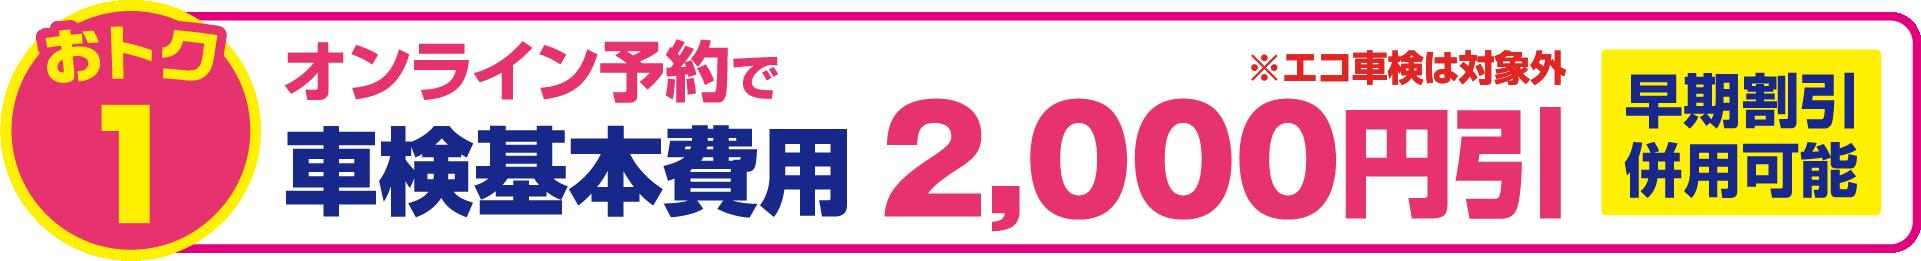 おトク1 オンライン予約で 車検基本費用 2,000円引 ※エコ車検は対象外 早期割引併用可能